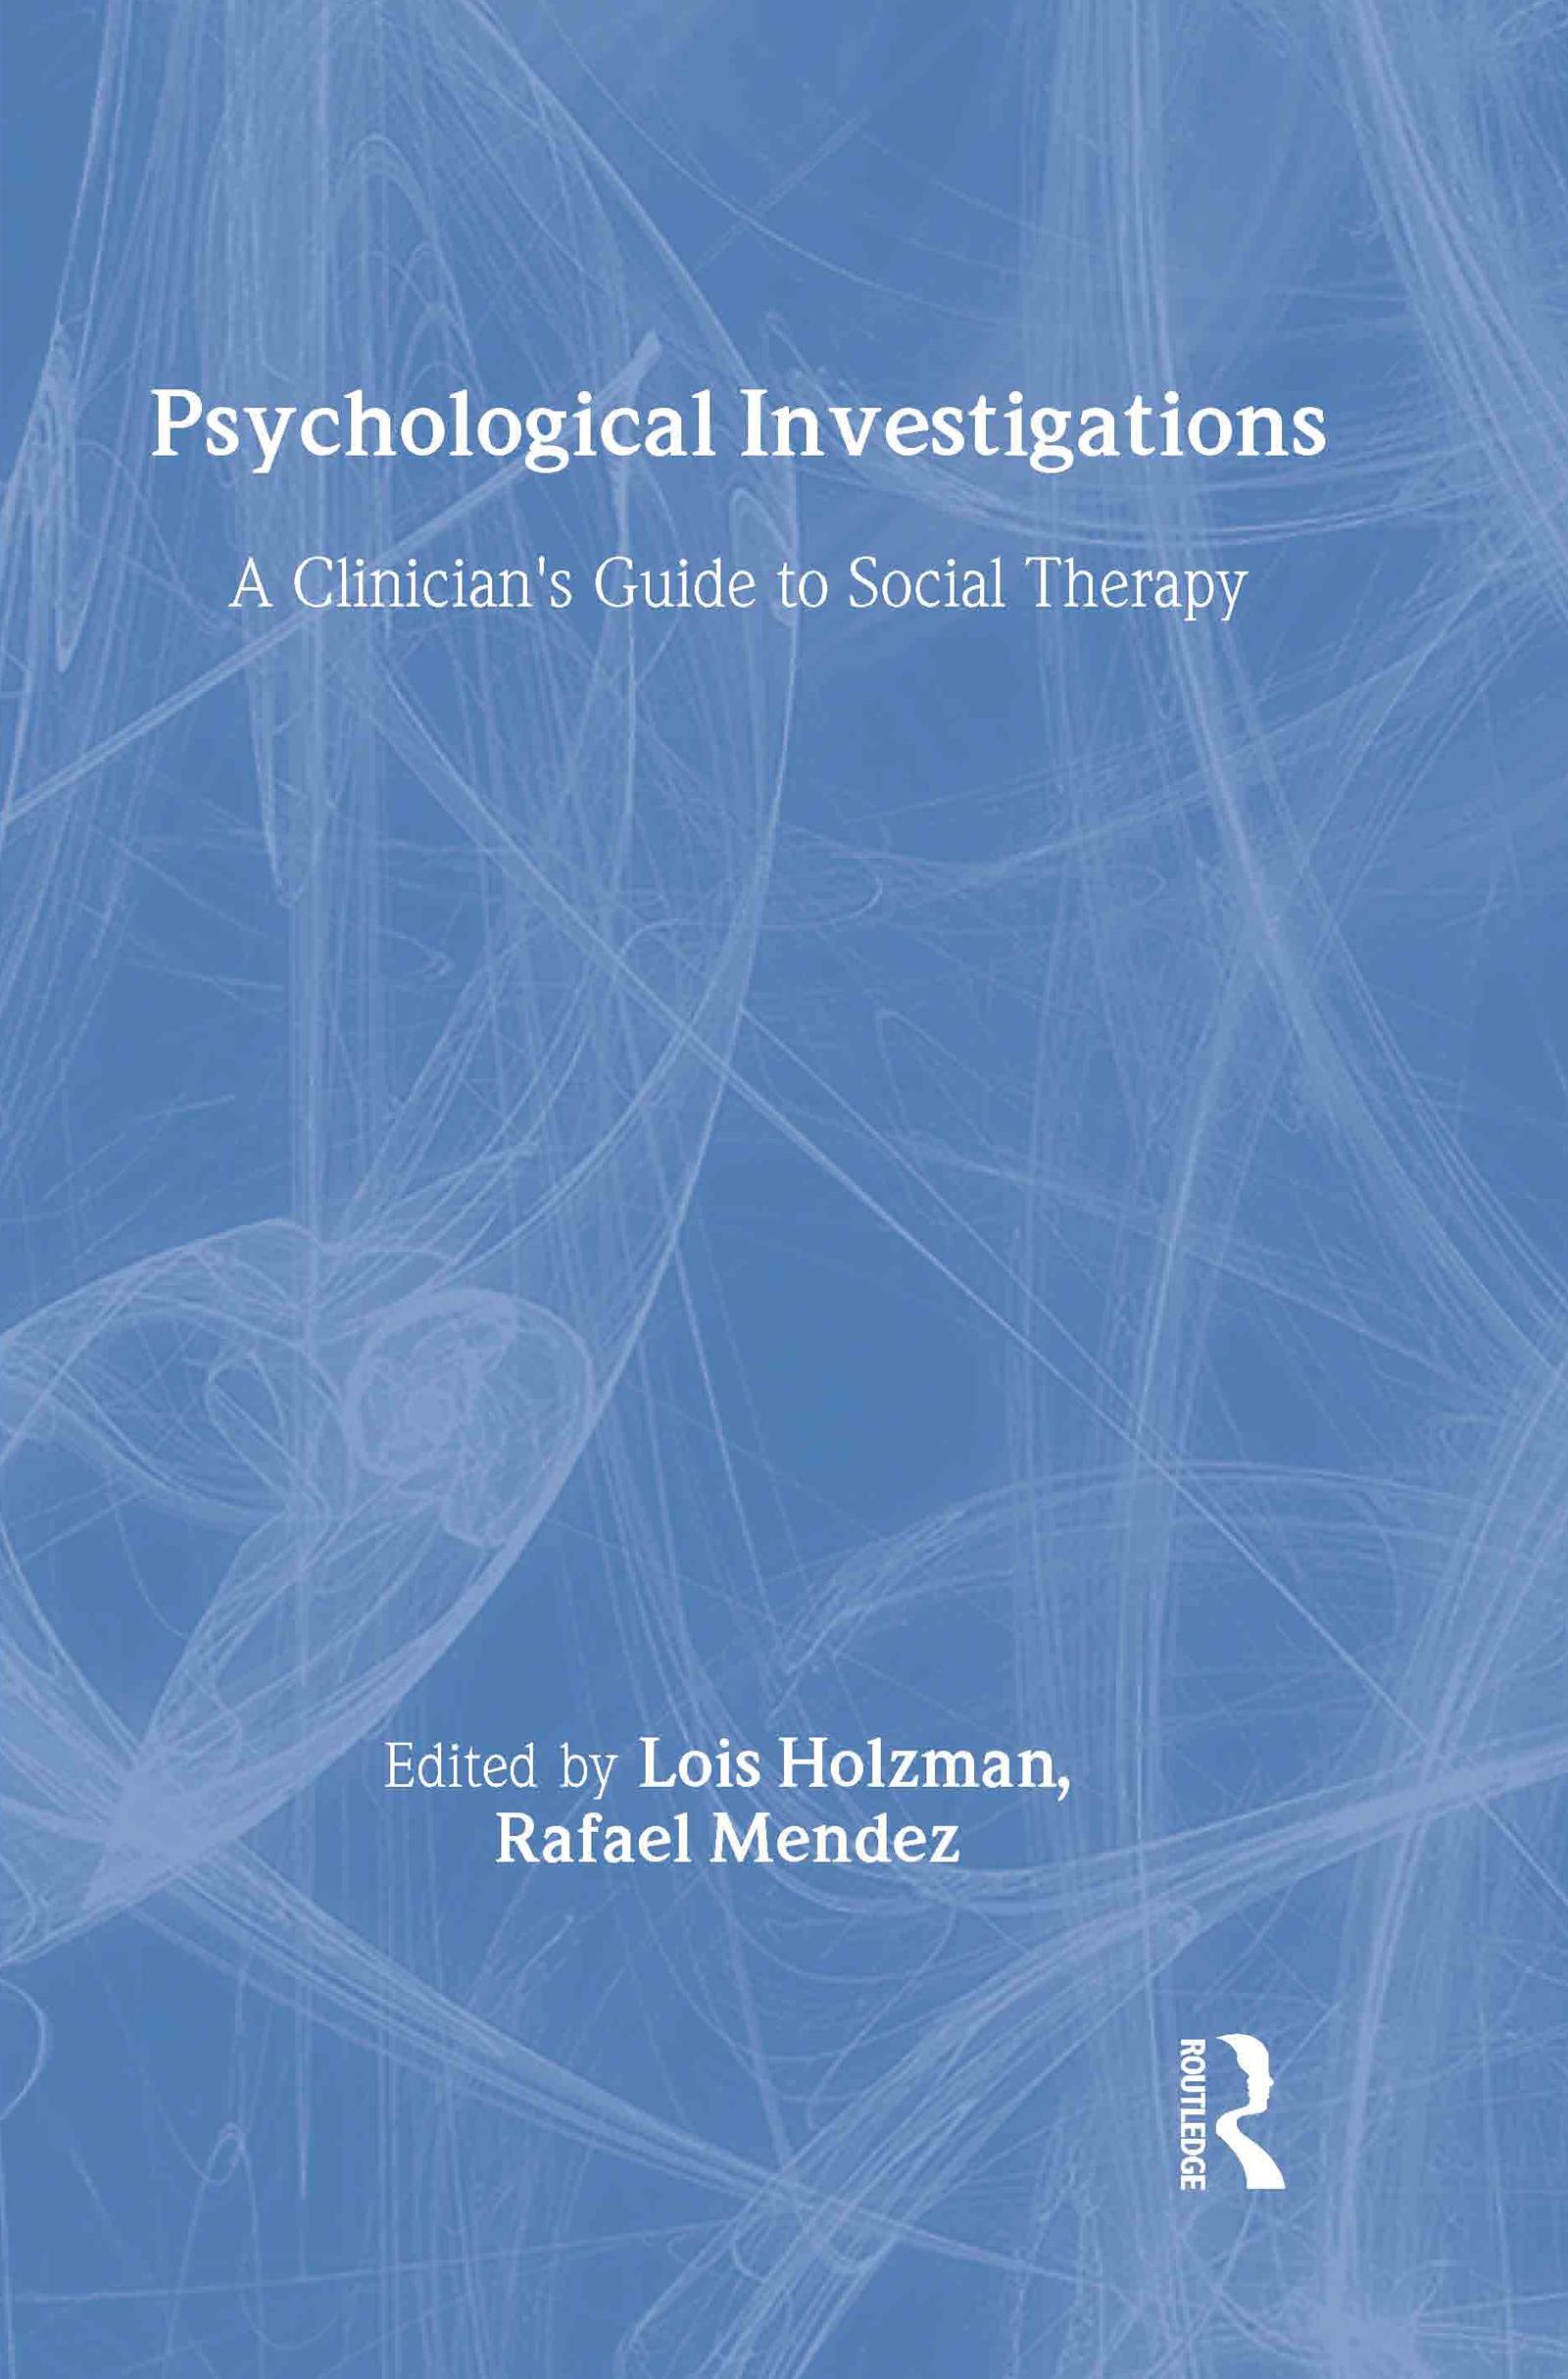 Psychological Investigations